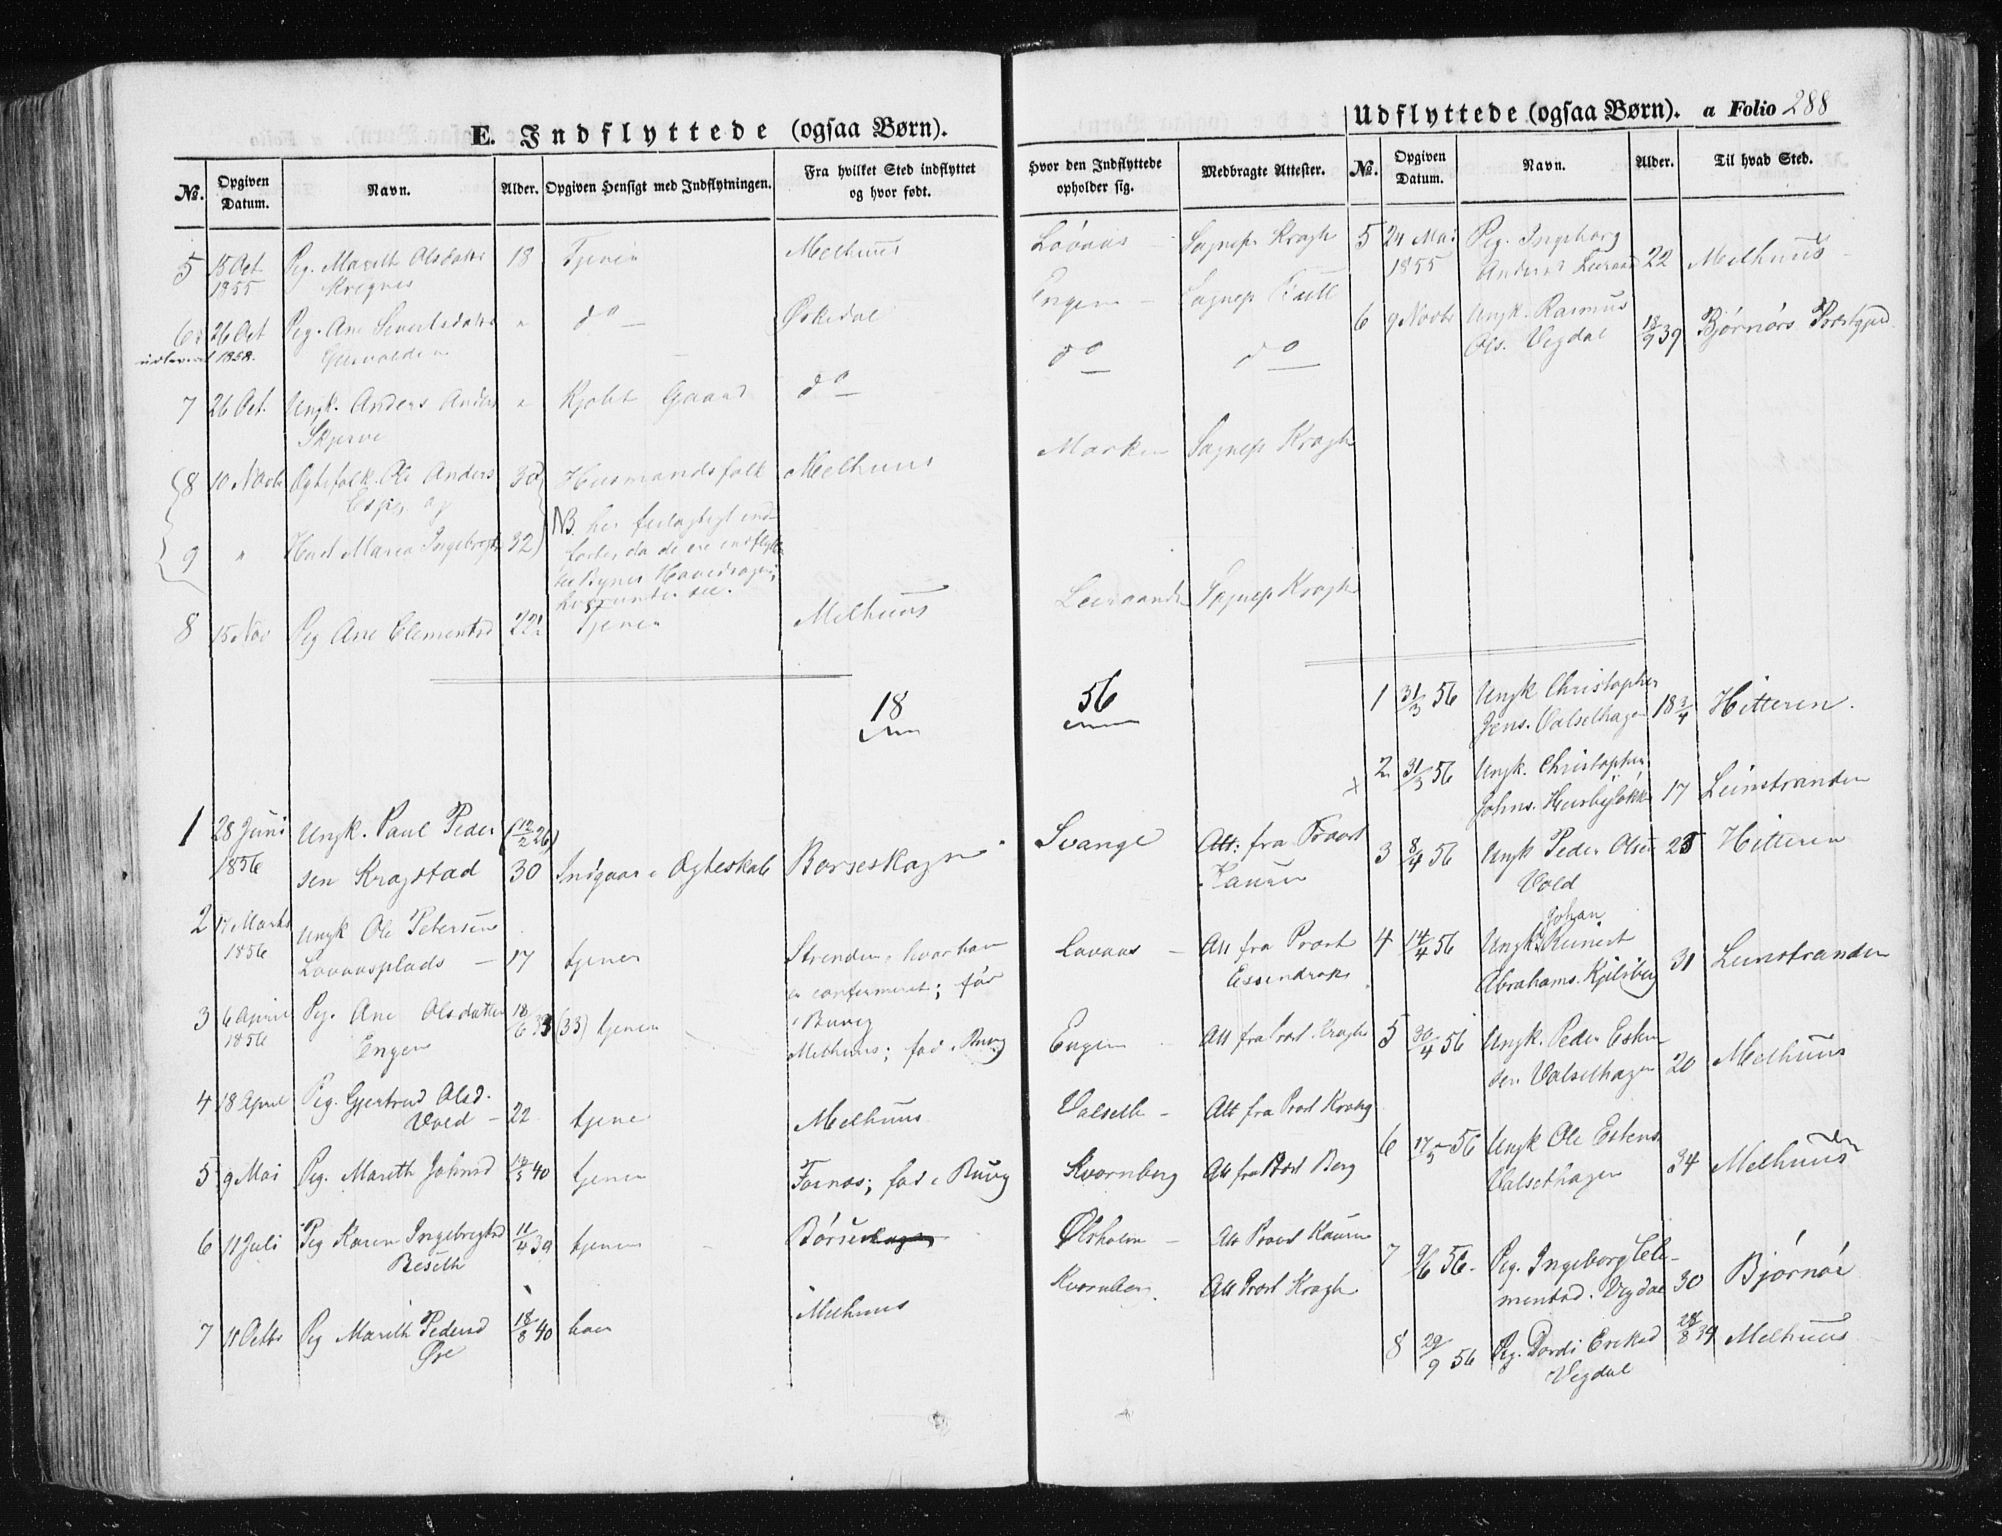 SAT, Ministerialprotokoller, klokkerbøker og fødselsregistre - Sør-Trøndelag, 612/L0376: Ministerialbok nr. 612A08, 1846-1859, s. 288